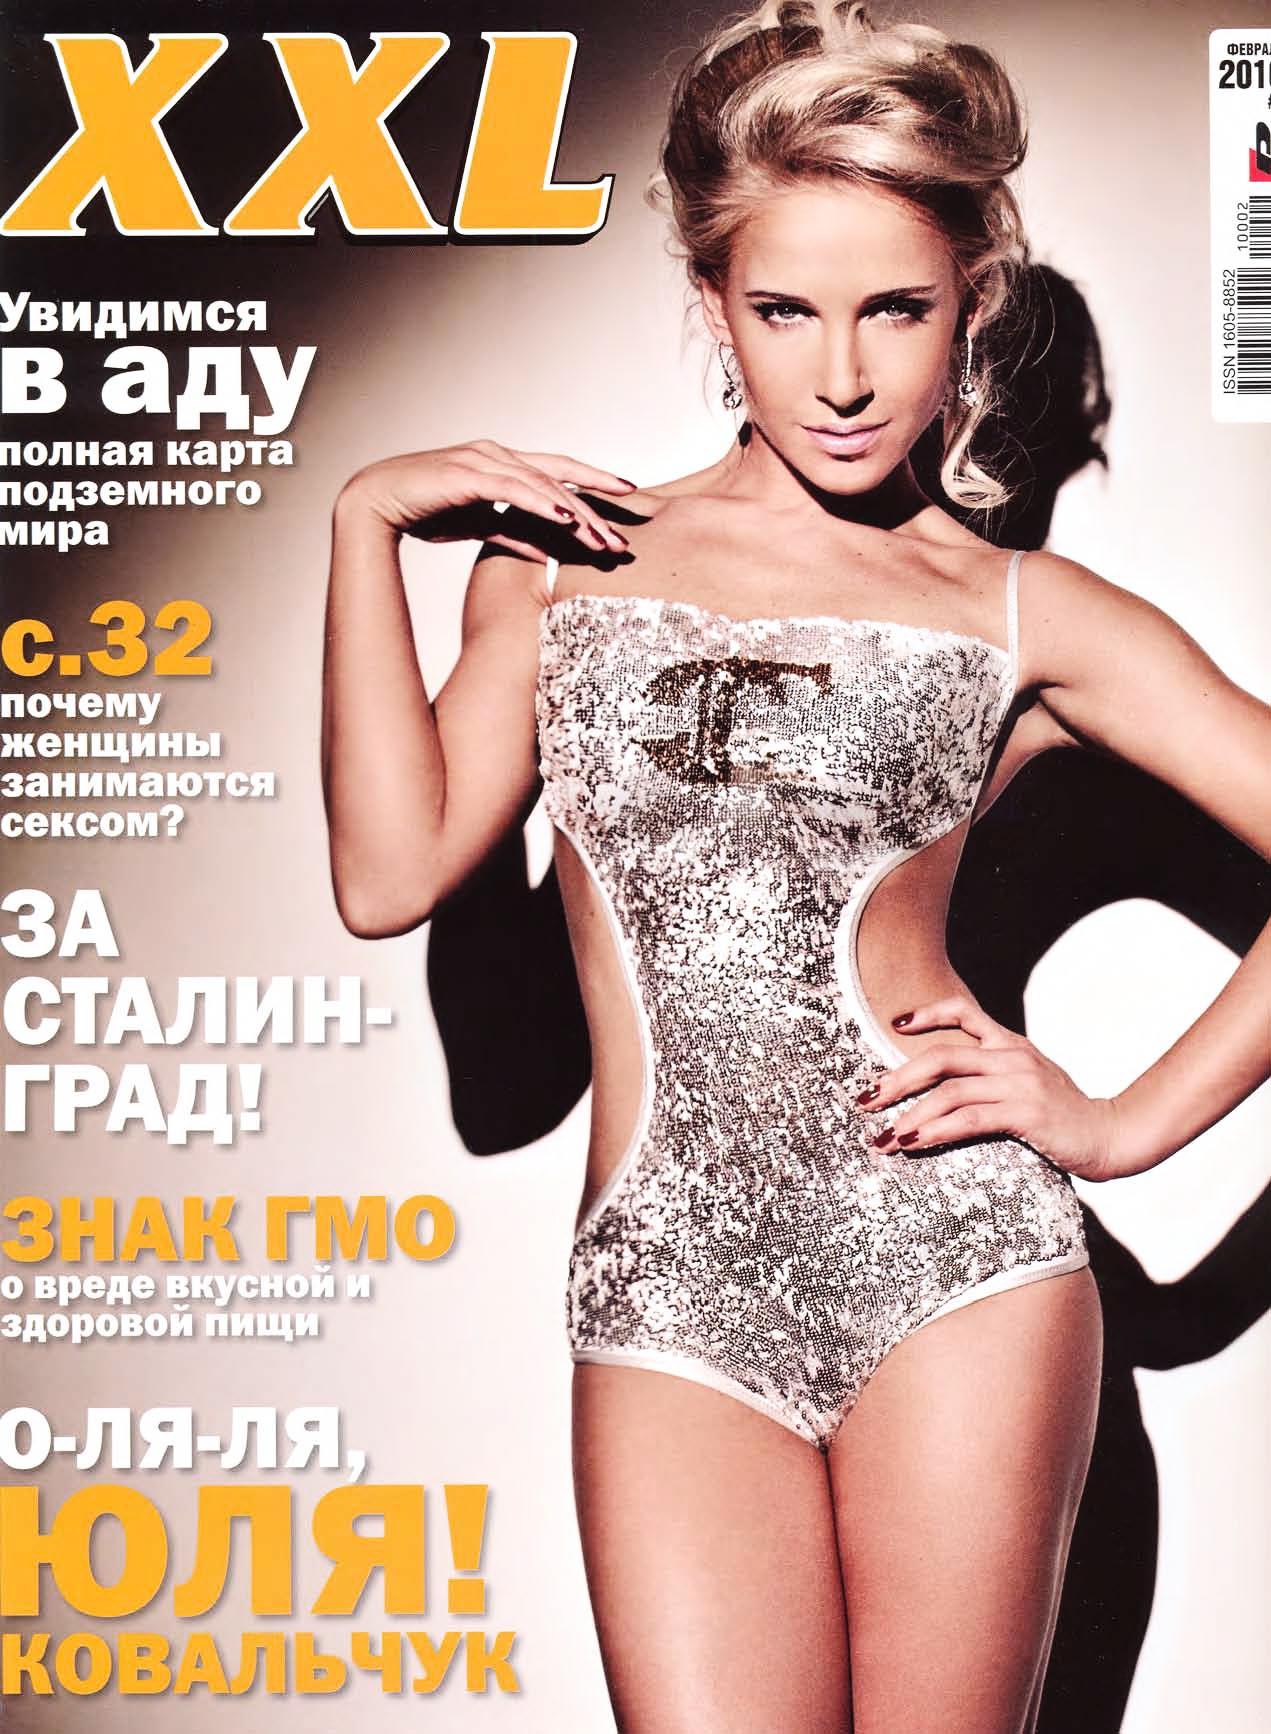 Юлия ковальчук фото максим 3 фотография